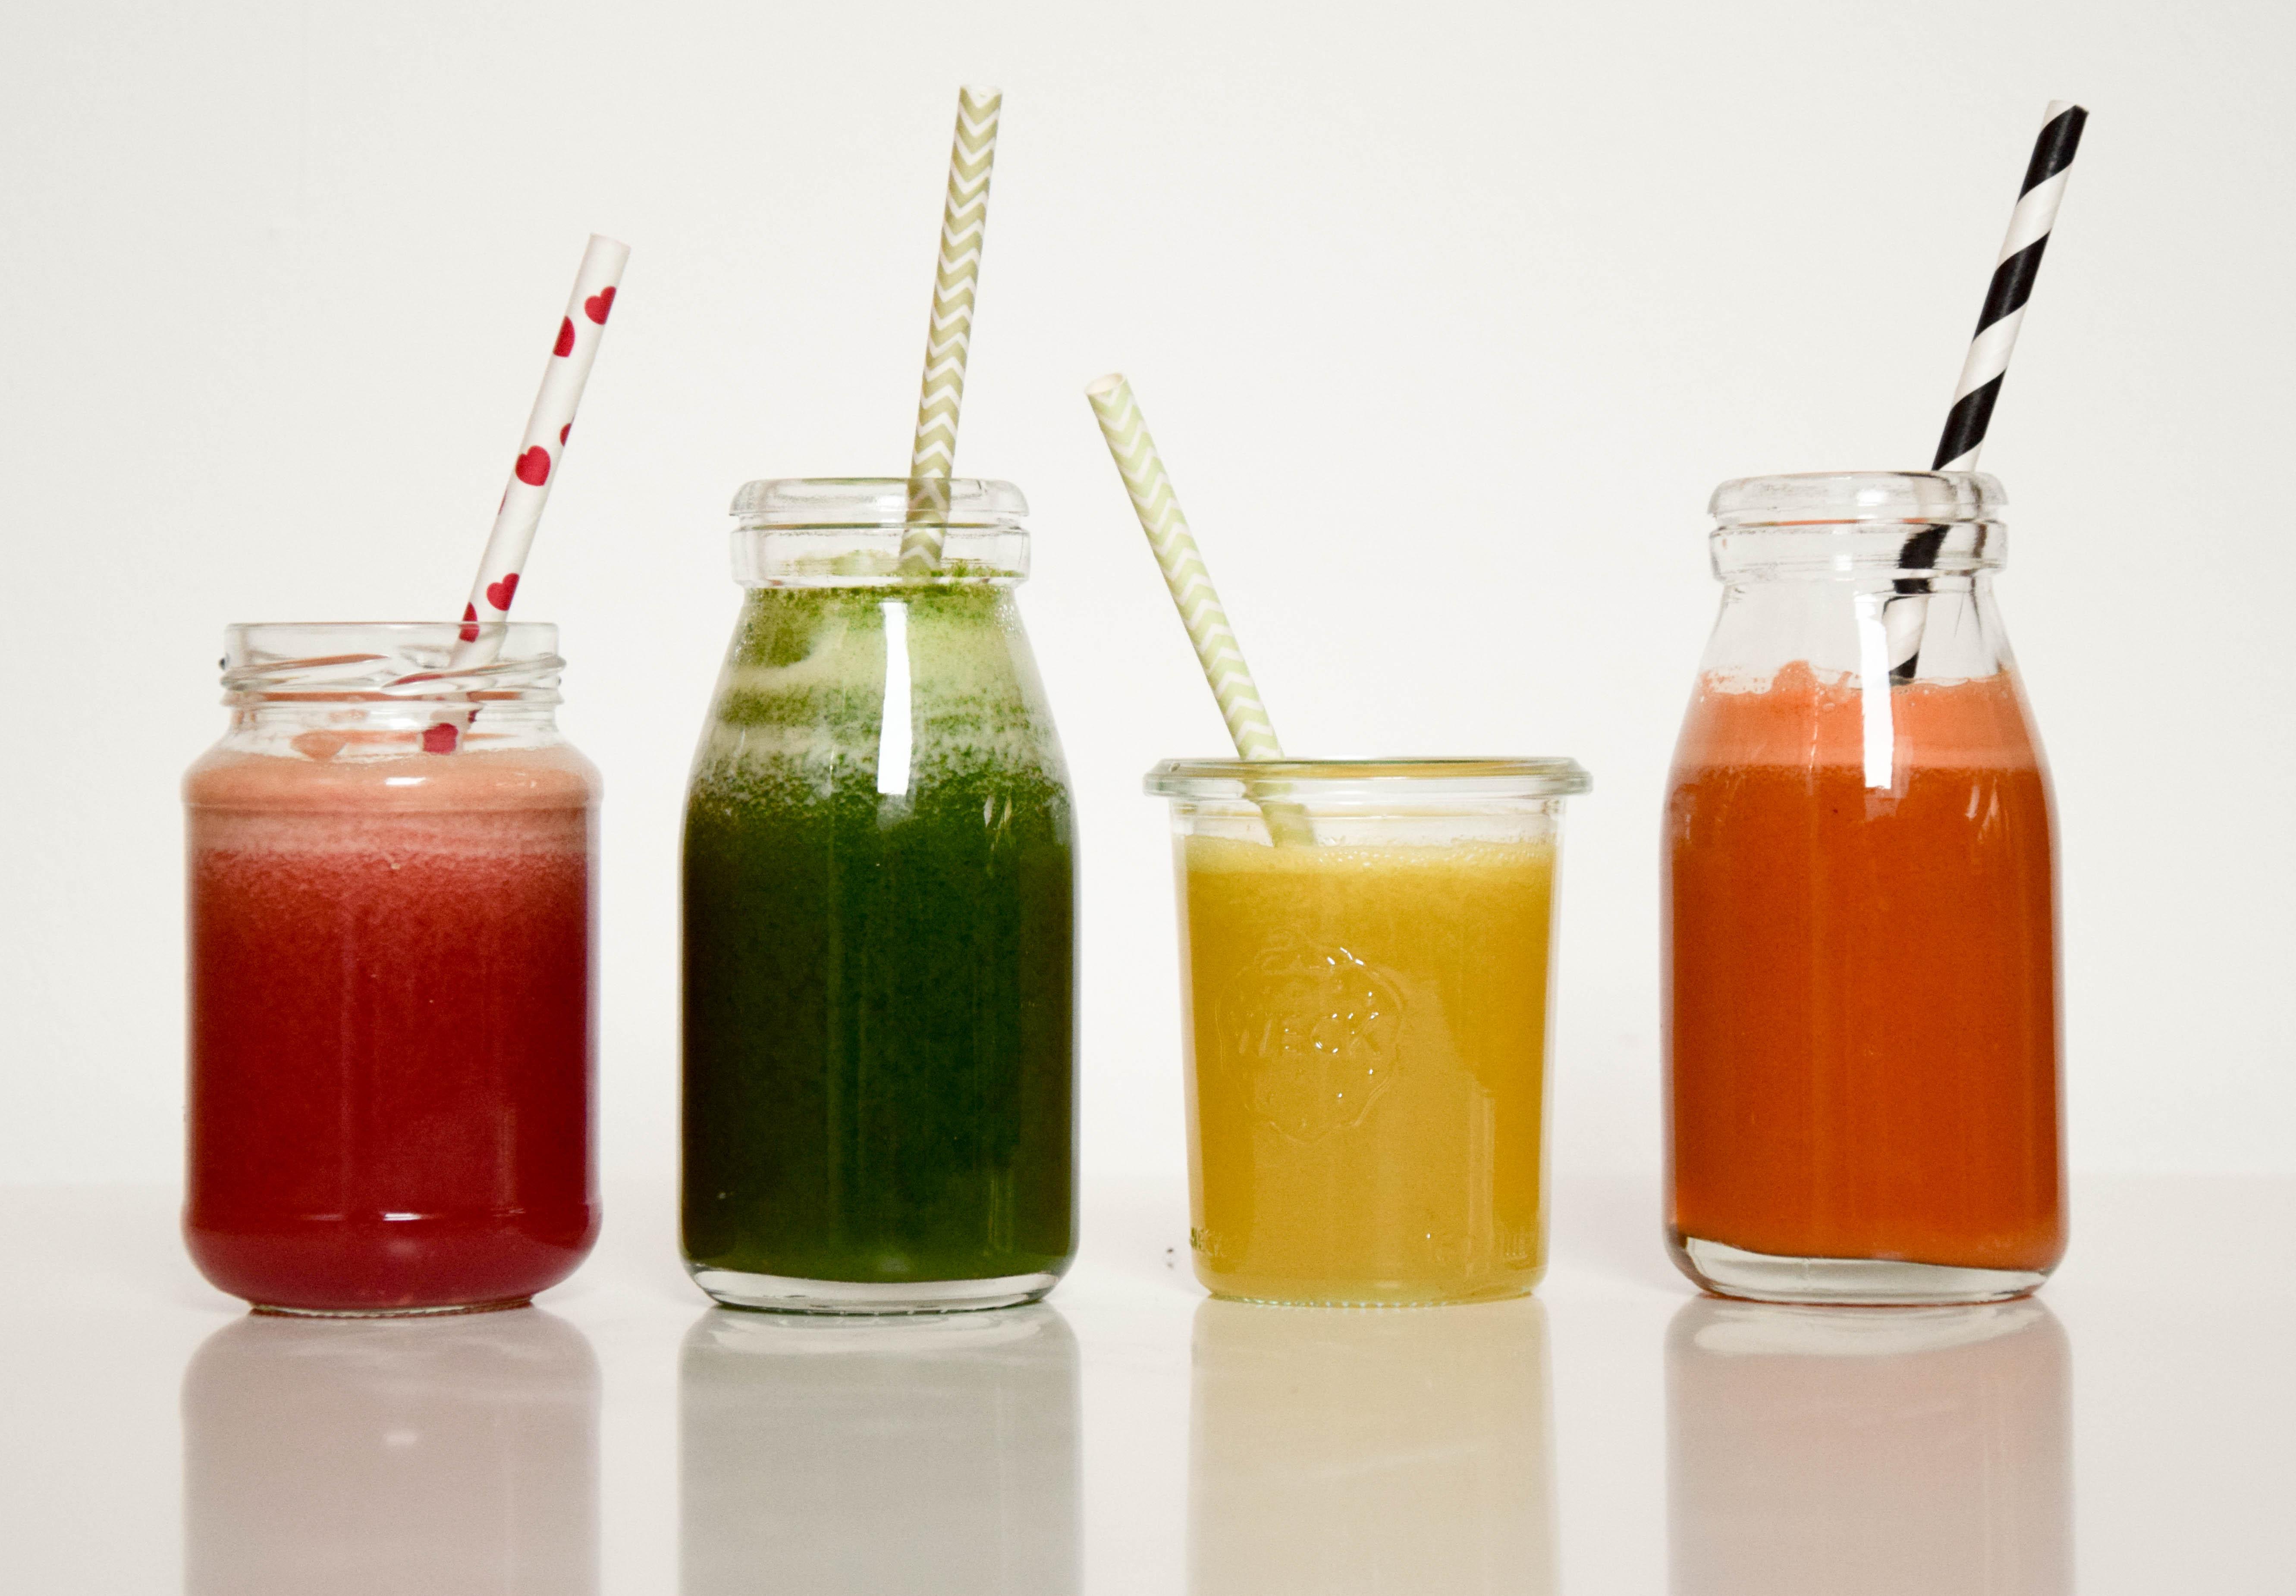 Frische Obst- und Gemüsesäfte aus dem Entsafter!